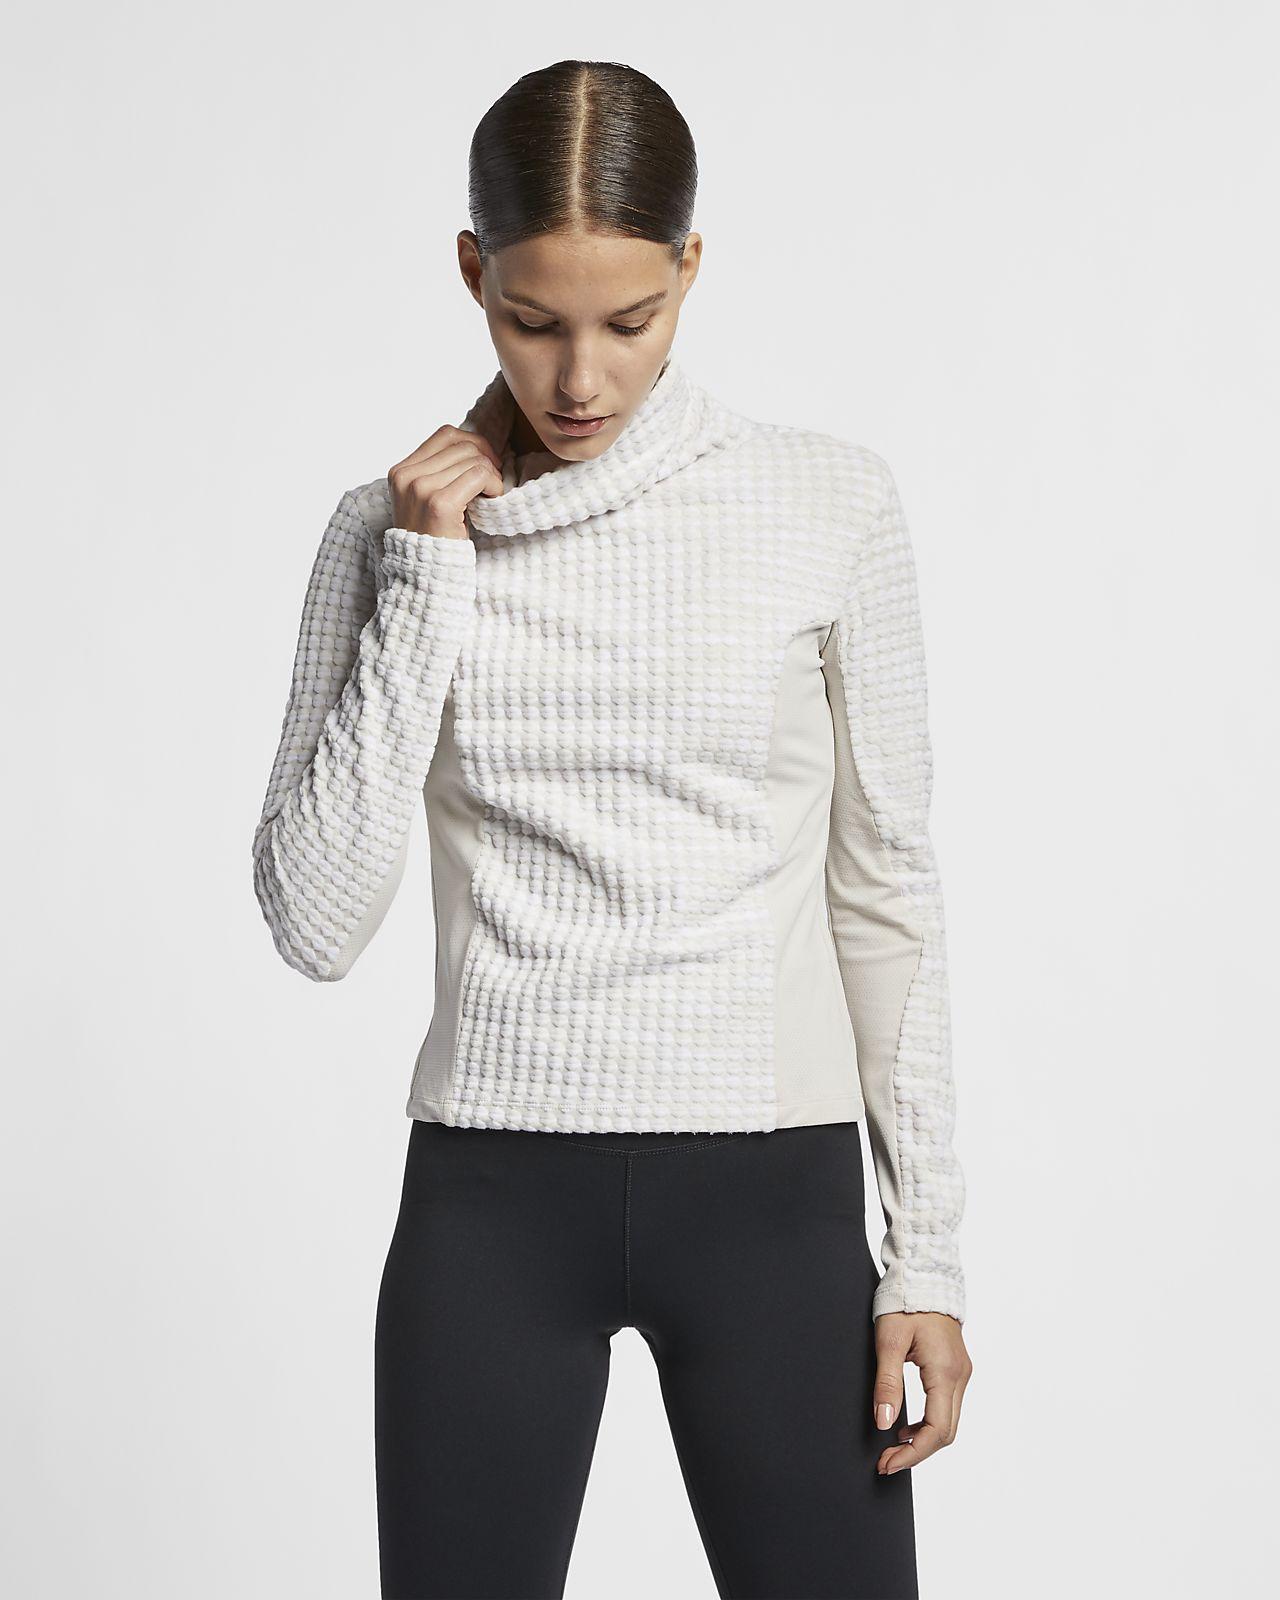 Nike Pro HyperWarm Women's Long Sleeve Top